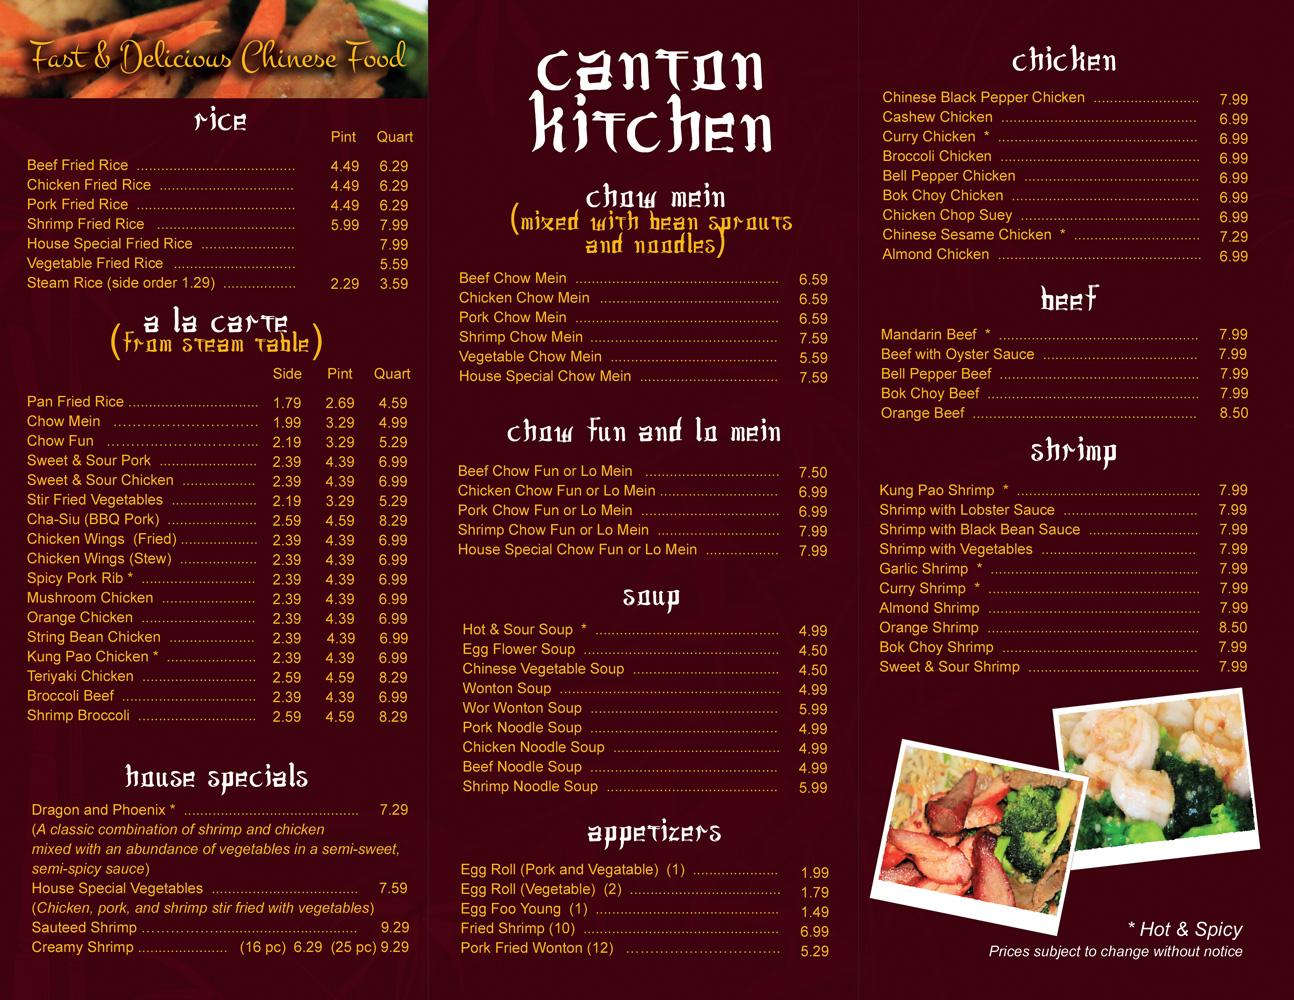 Elegant playful fast food restaurant menu design for a